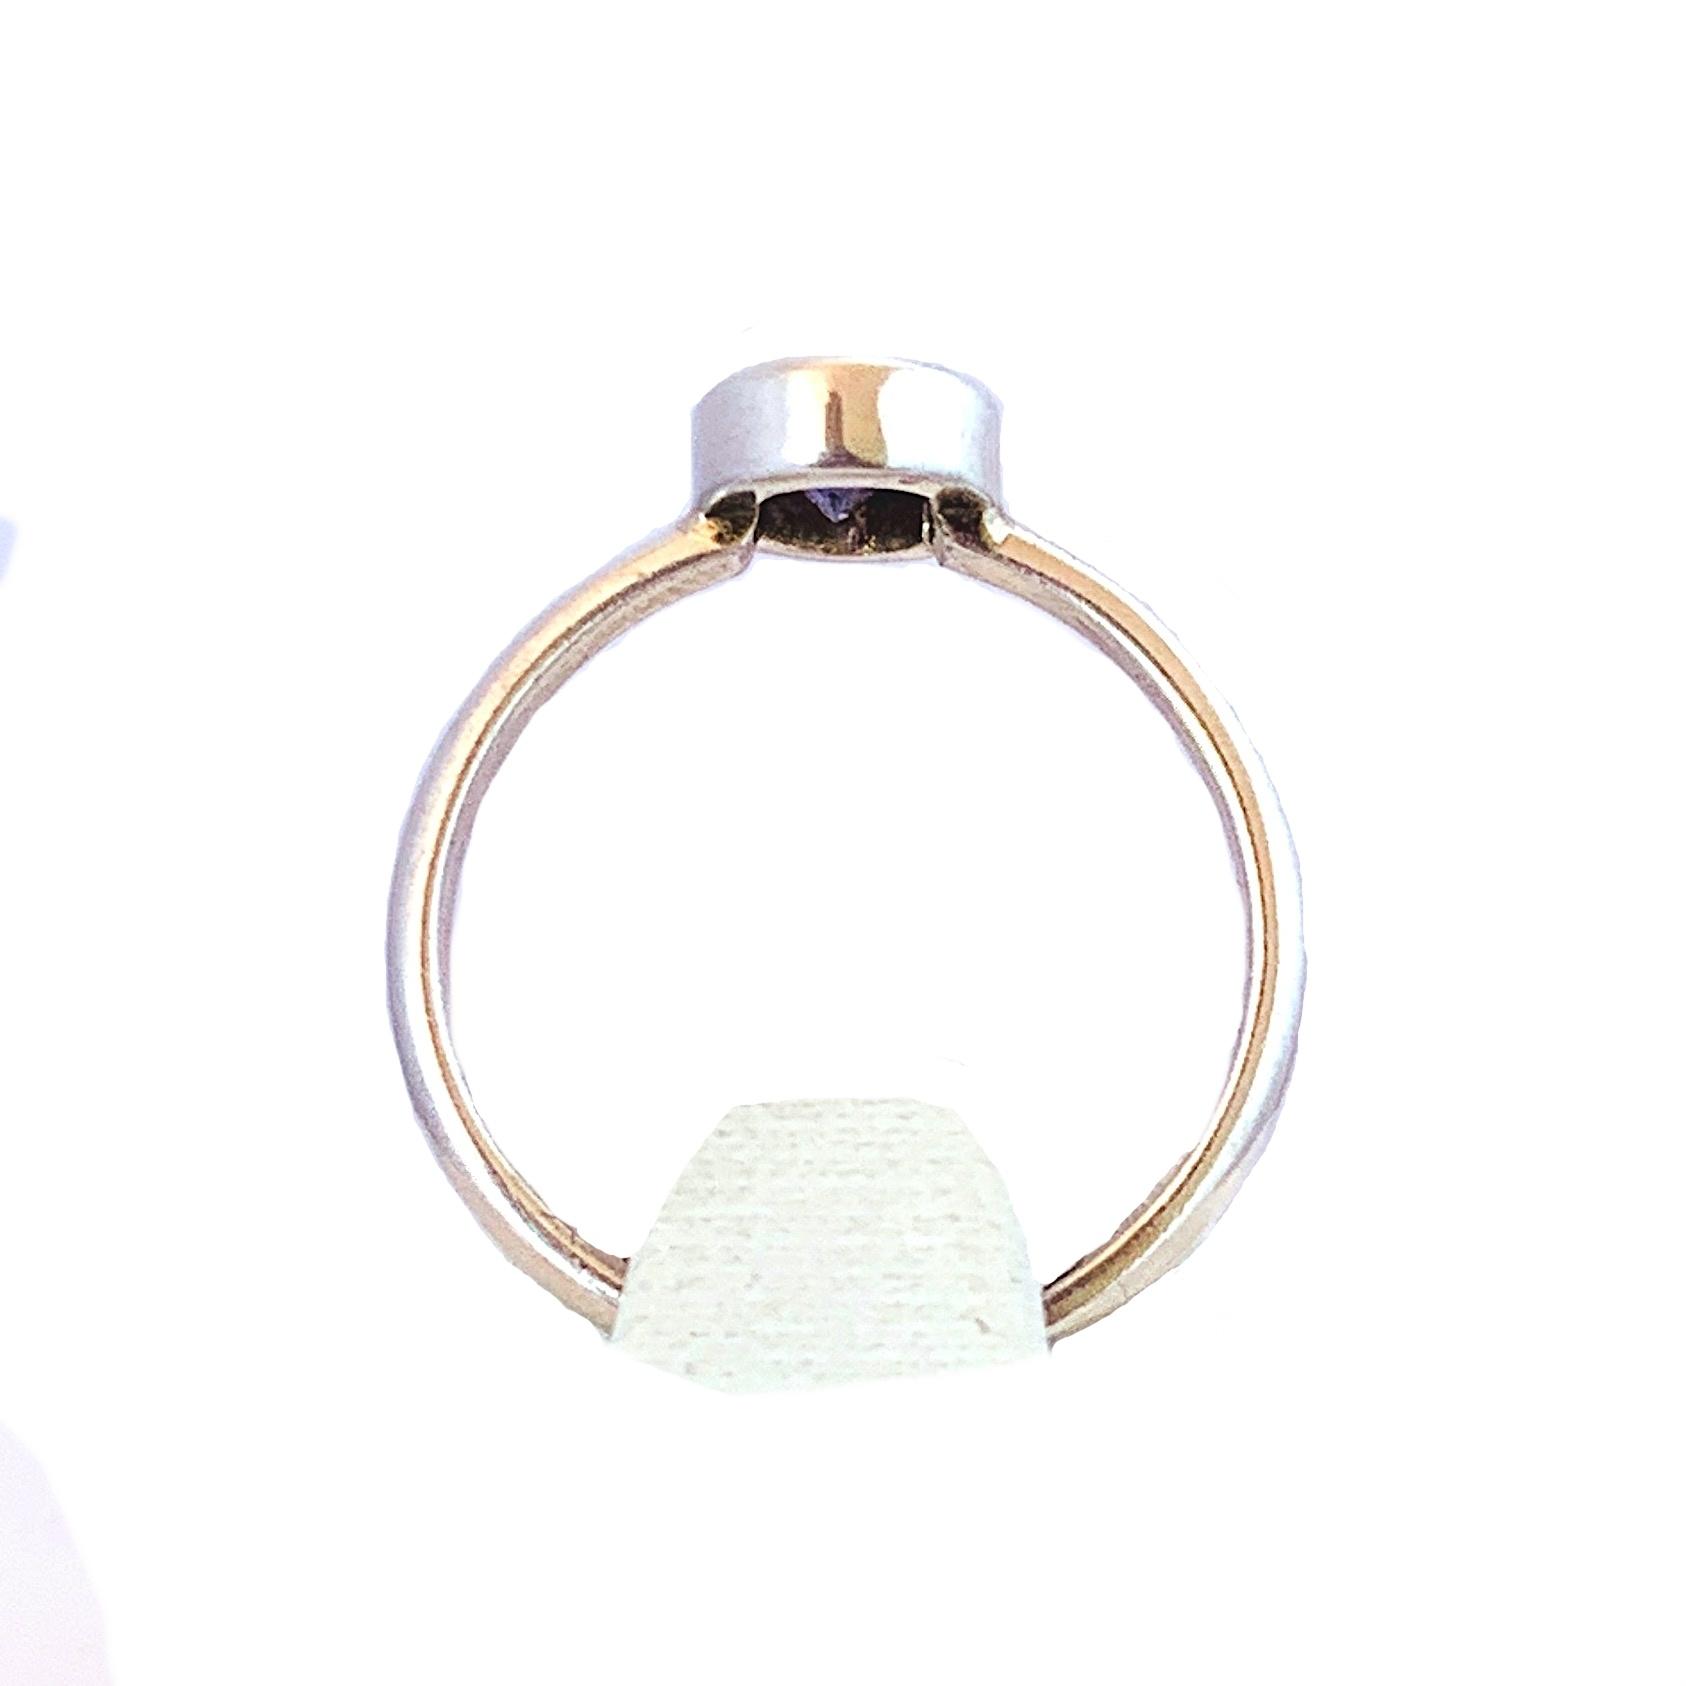 Kiliaan collectie Tanzanite ring